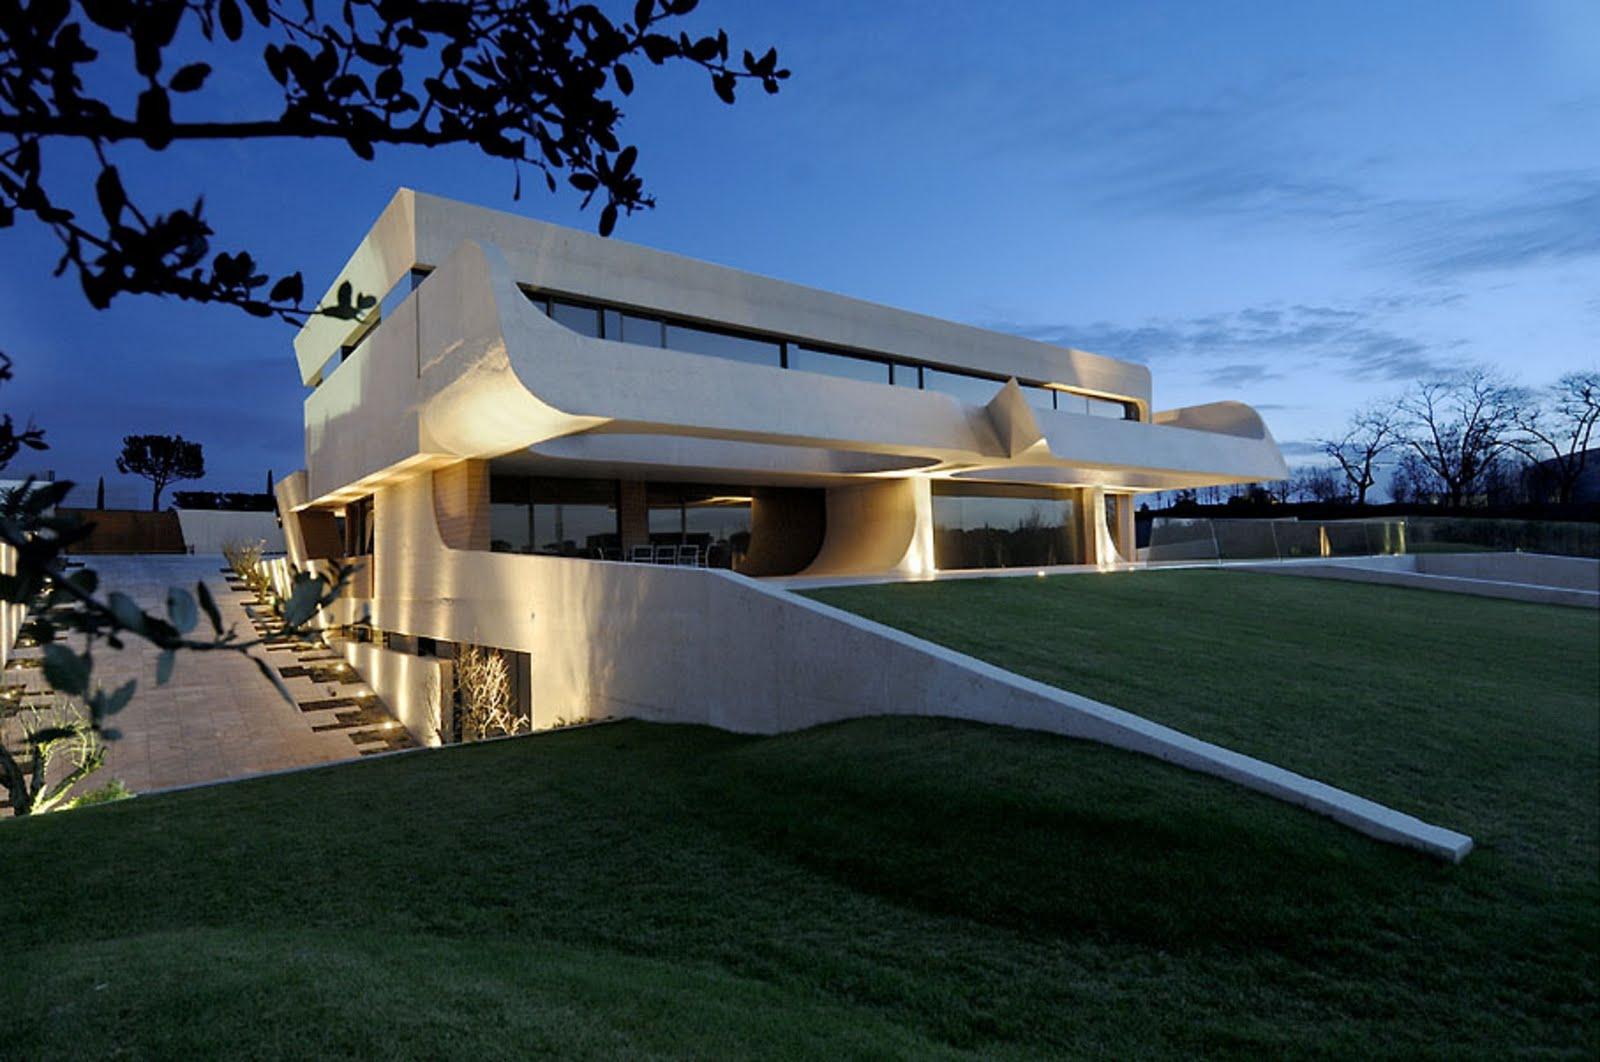 Arquitectura arquidea vivienda minimalista por a cero for Proyectos minimalistas